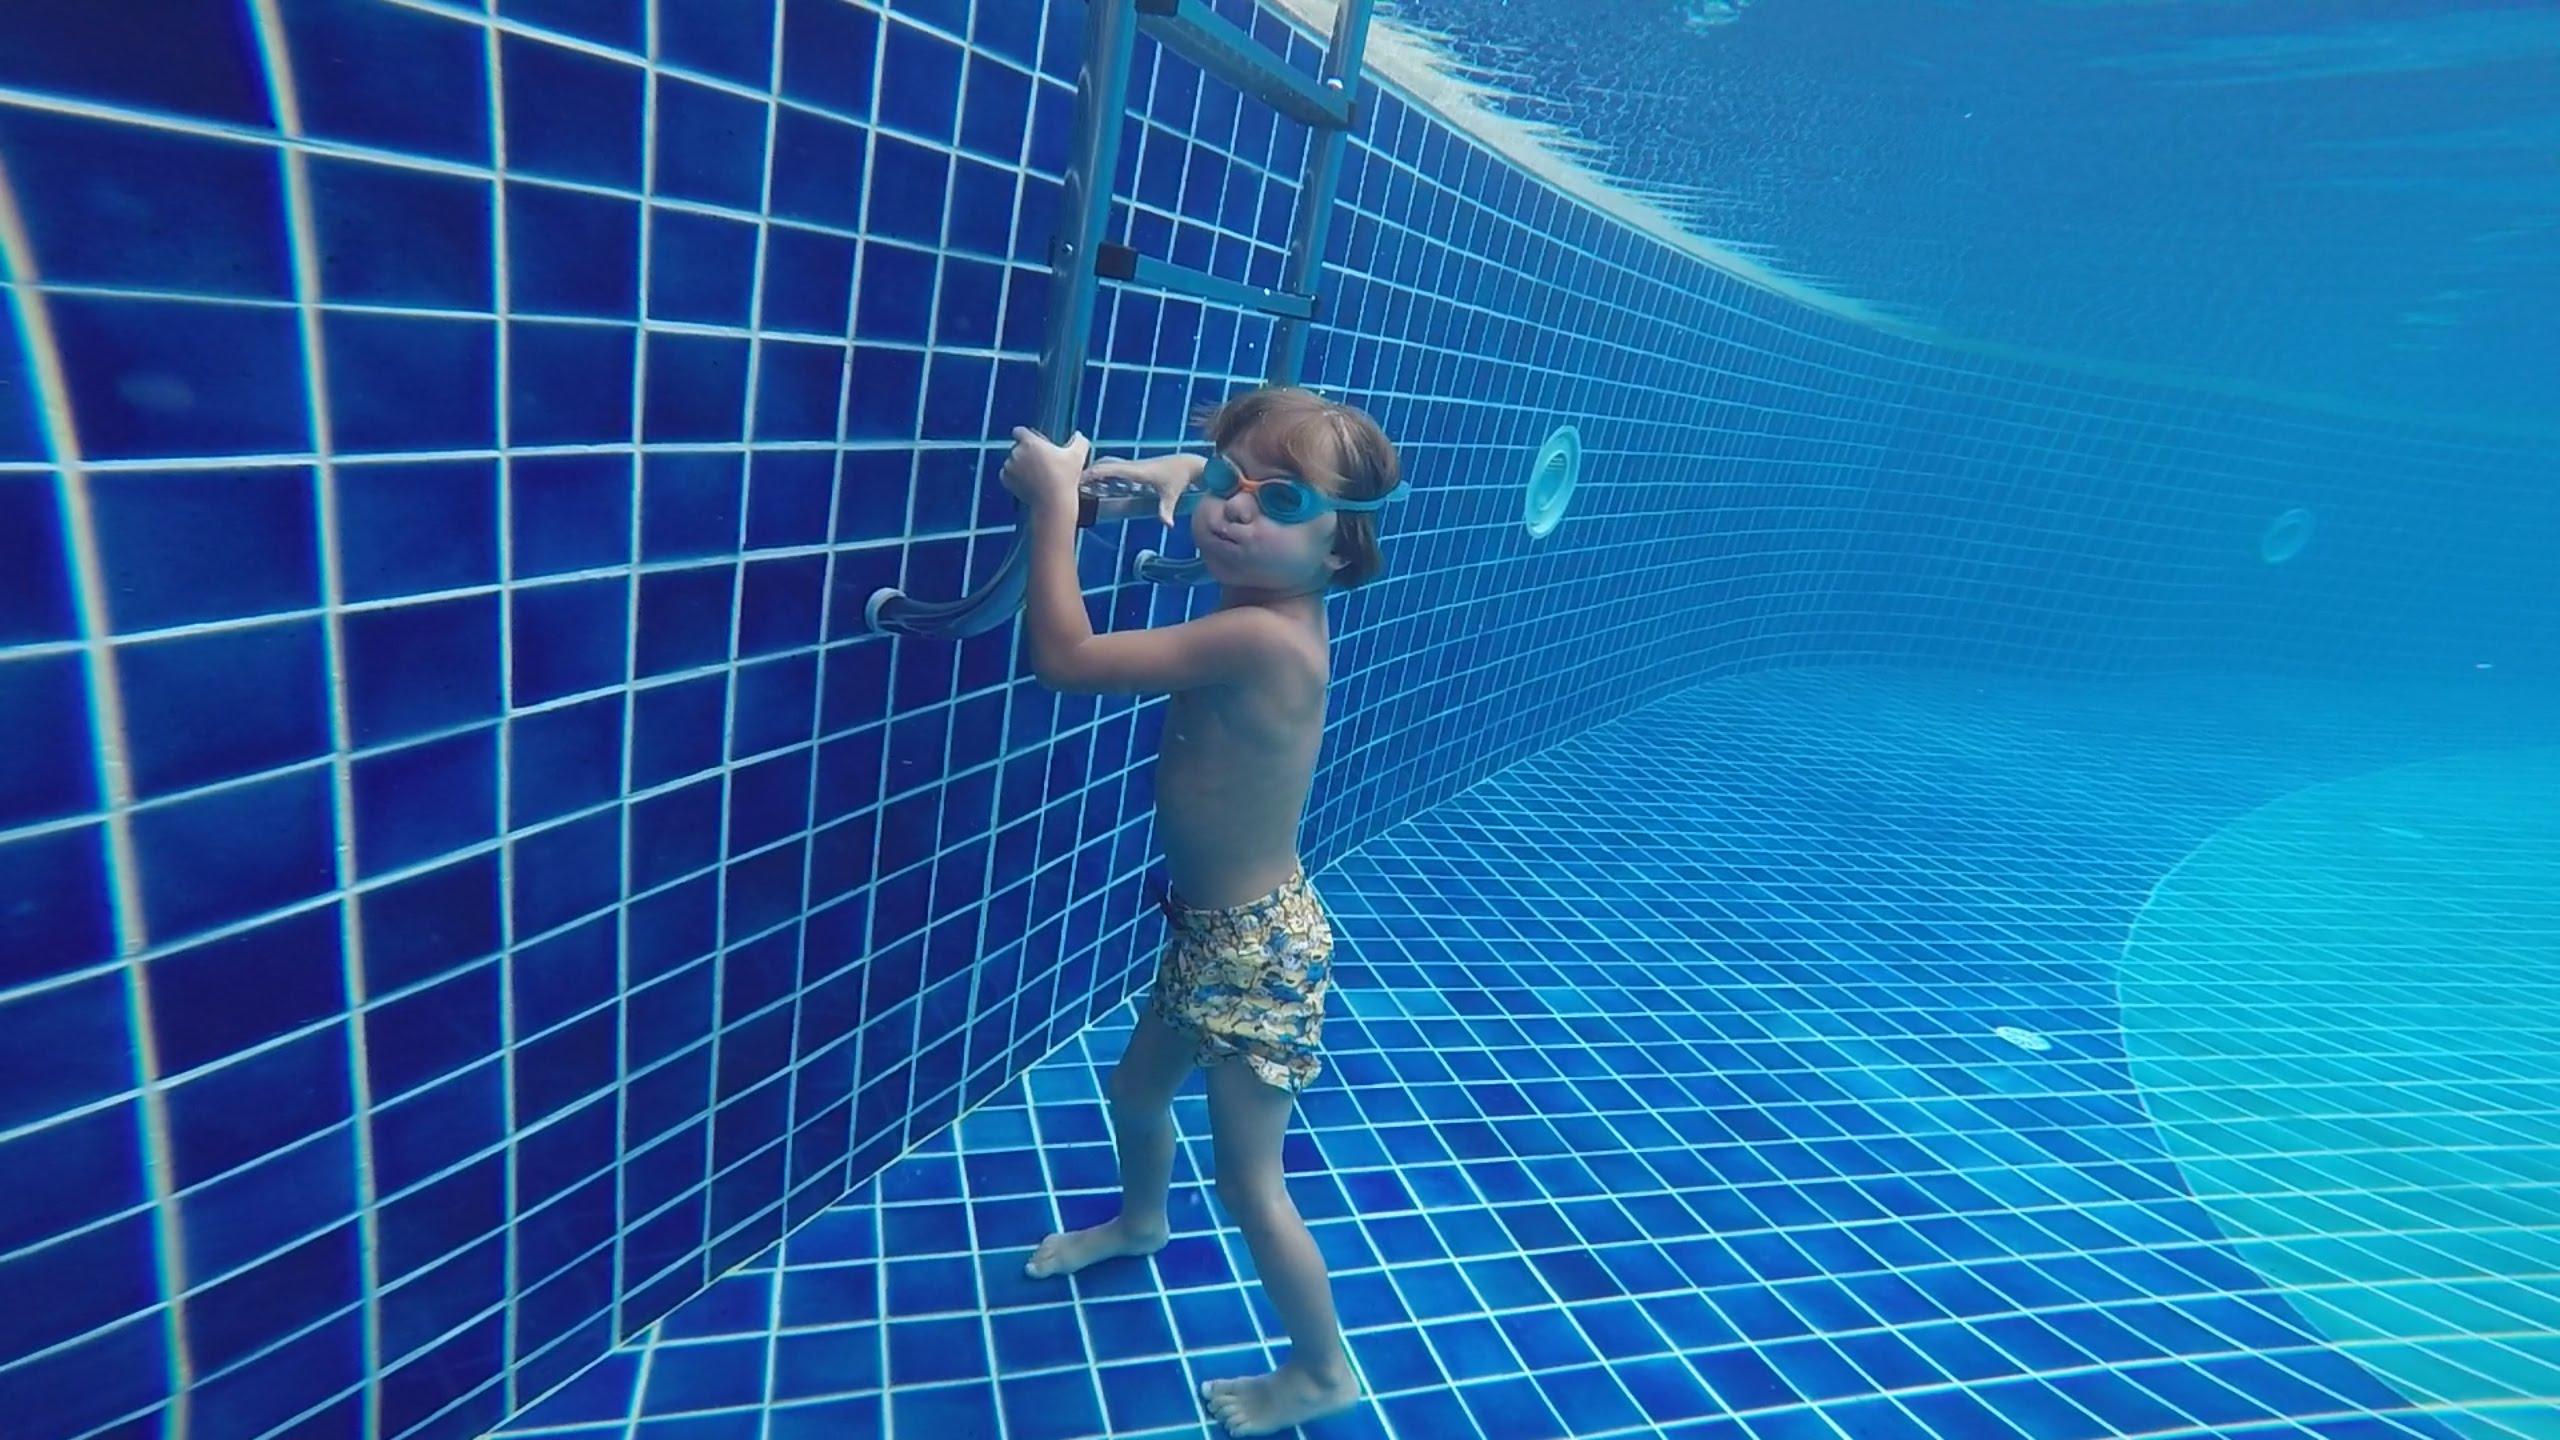 Обслуживание бассейнов.Техническое обслуживание бассейна.